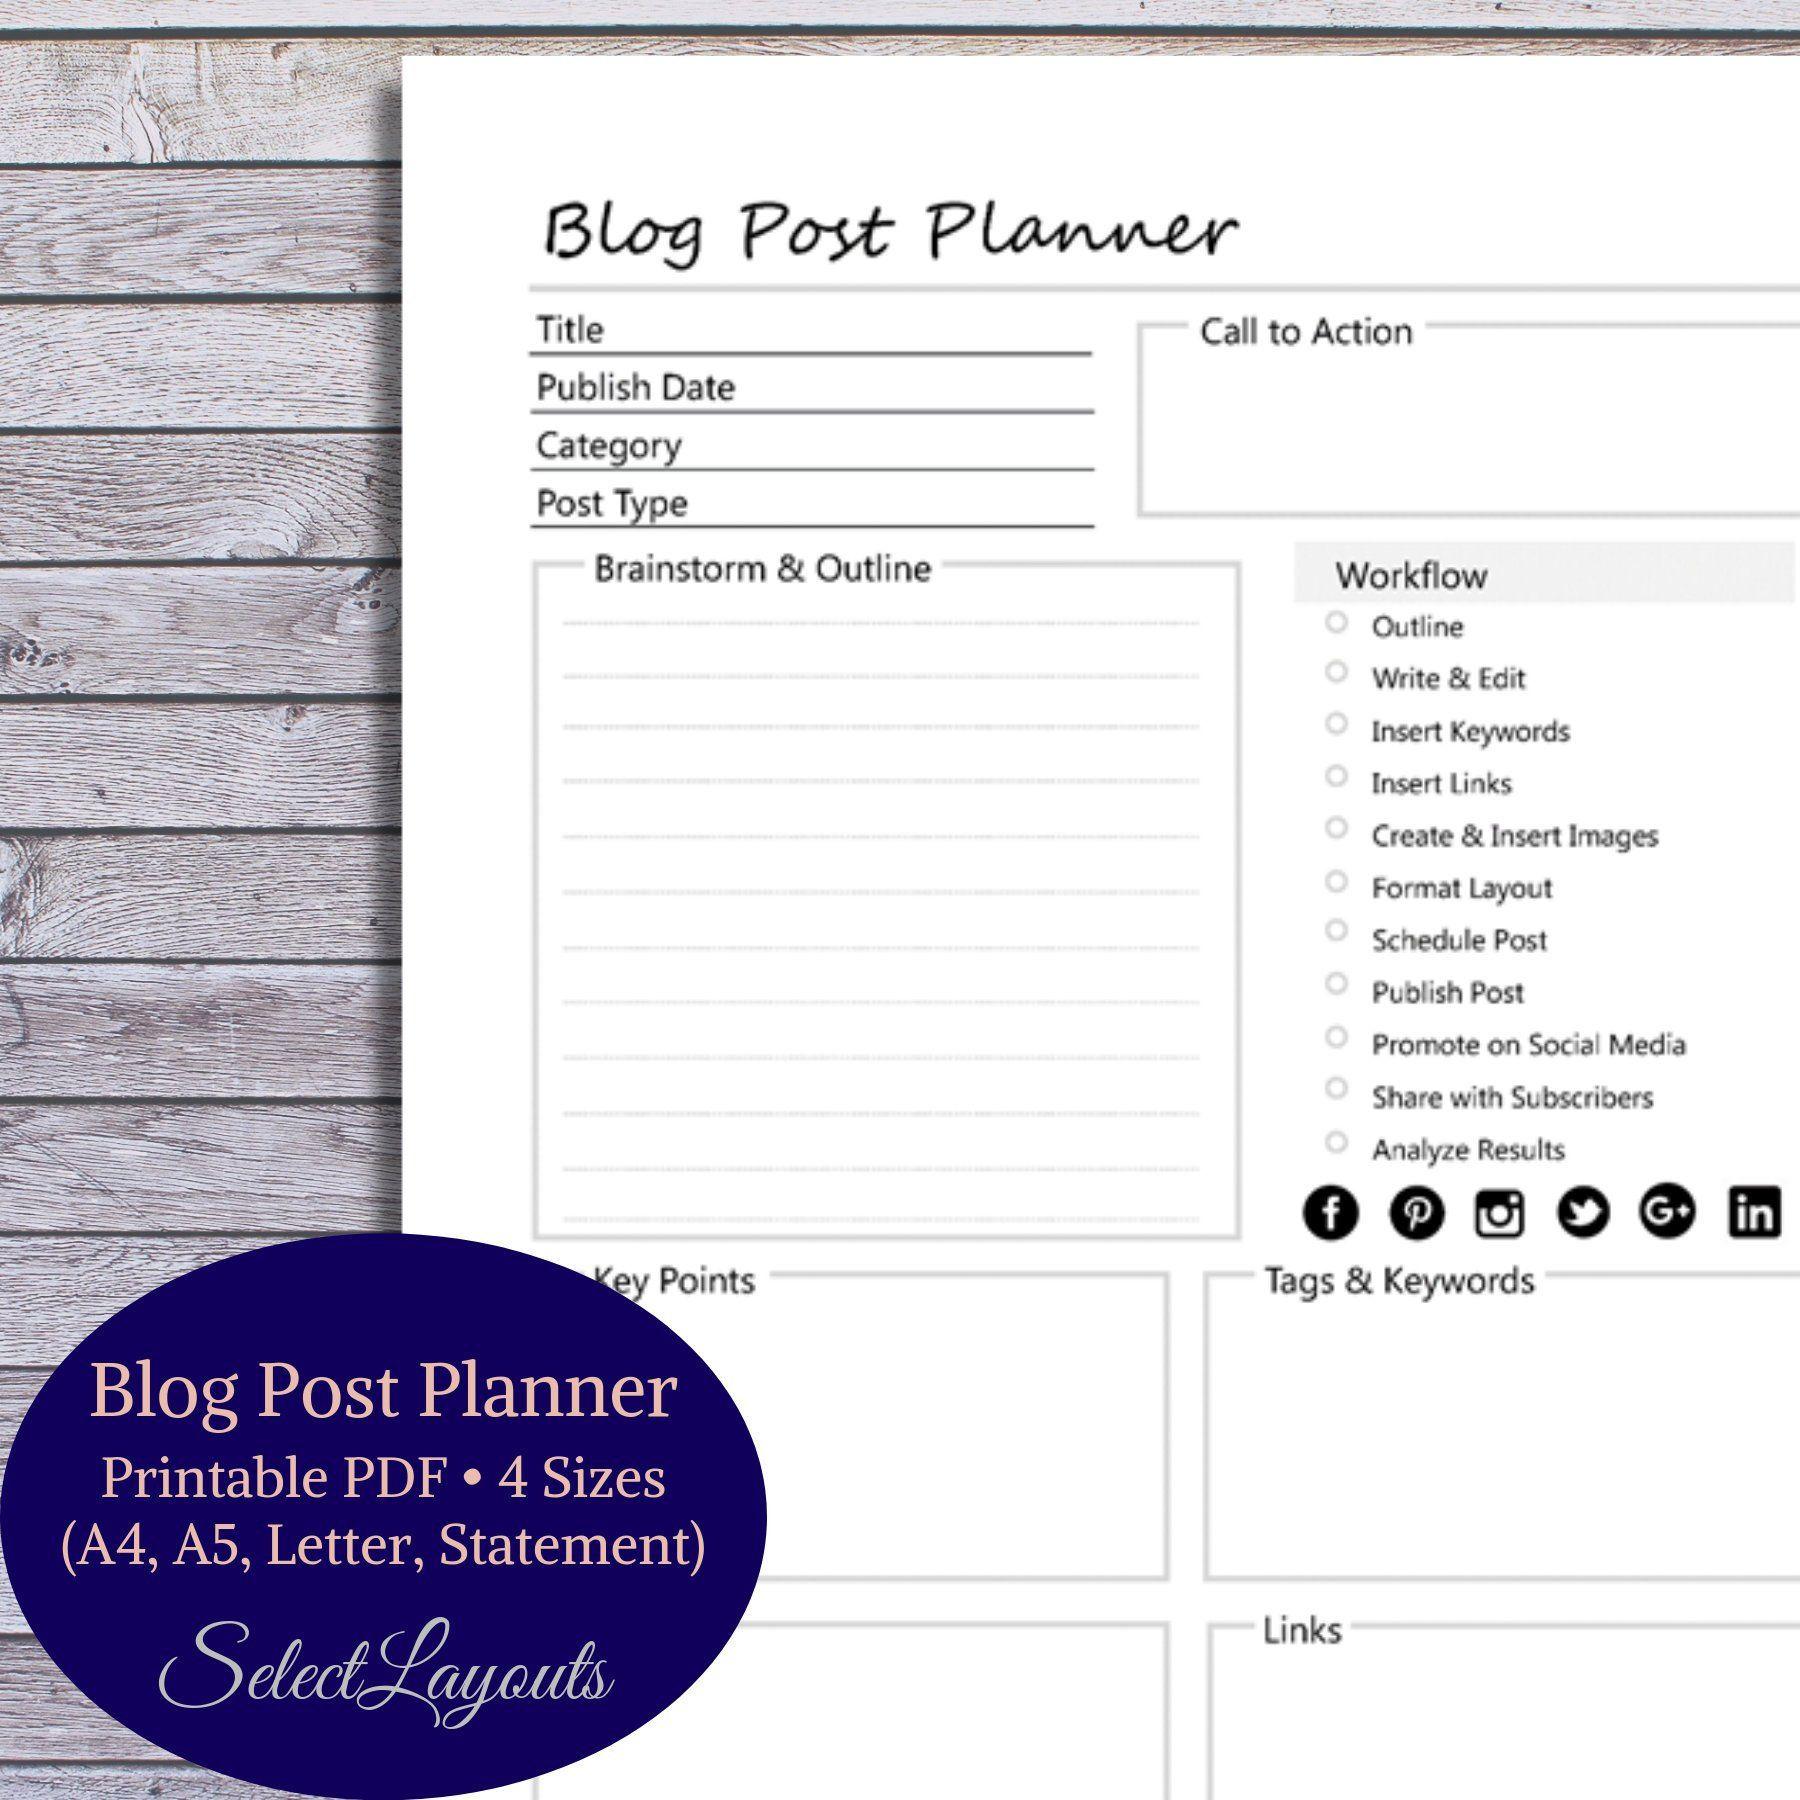 blog post planner printable pdf template digital planner. Black Bedroom Furniture Sets. Home Design Ideas